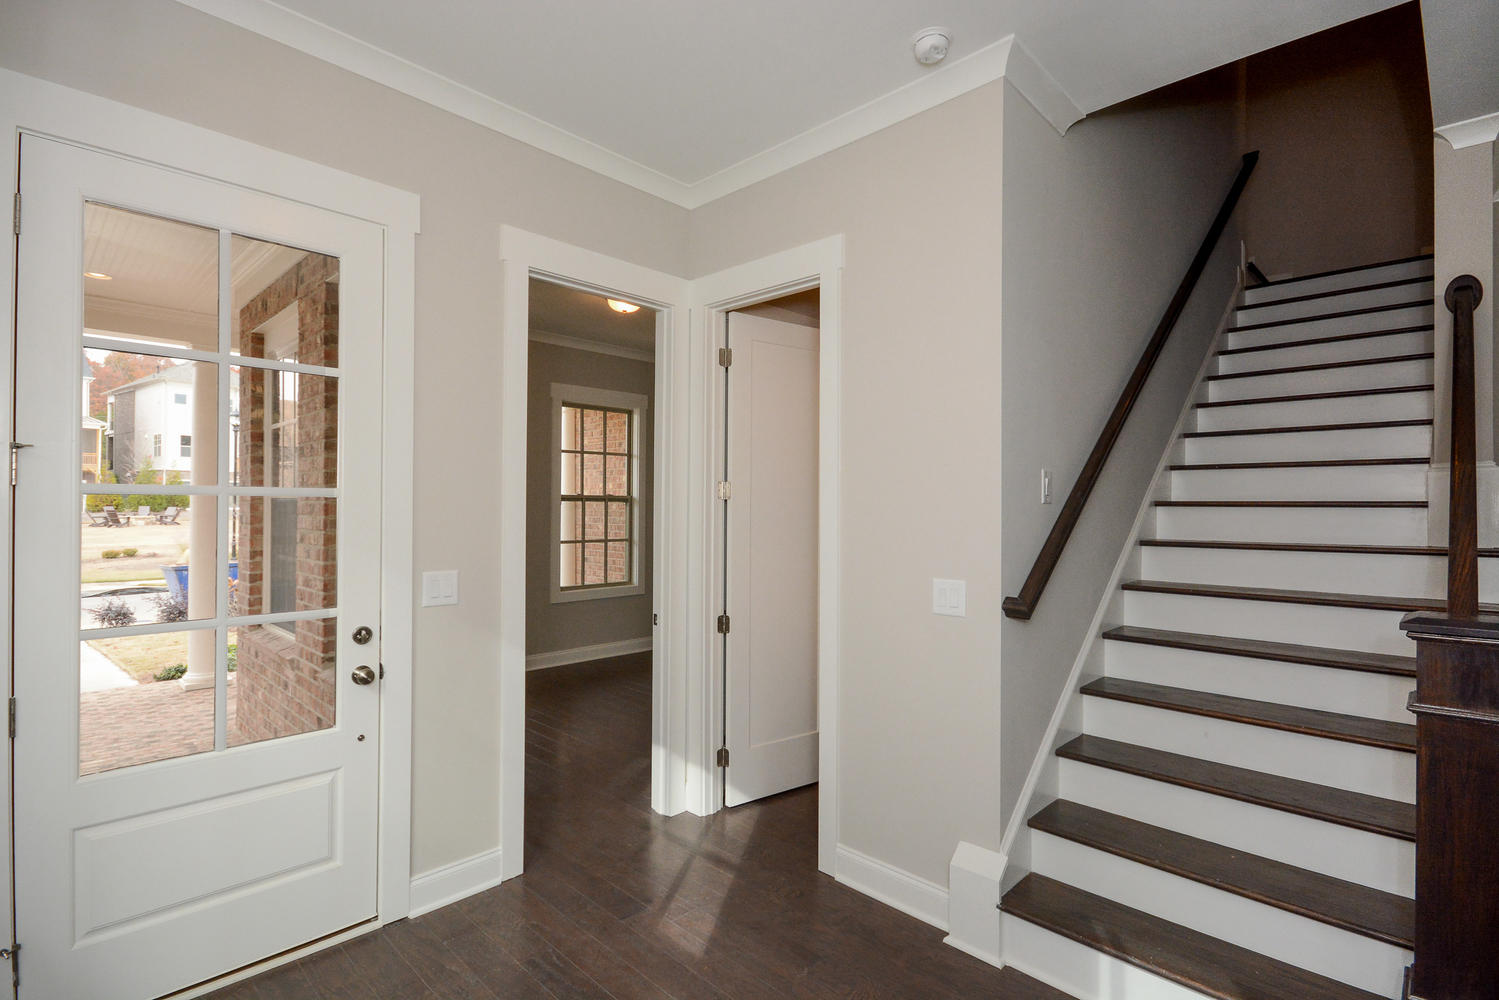 Dunes West Homes For Sale - 2919 Eddy, Mount Pleasant, SC - 31